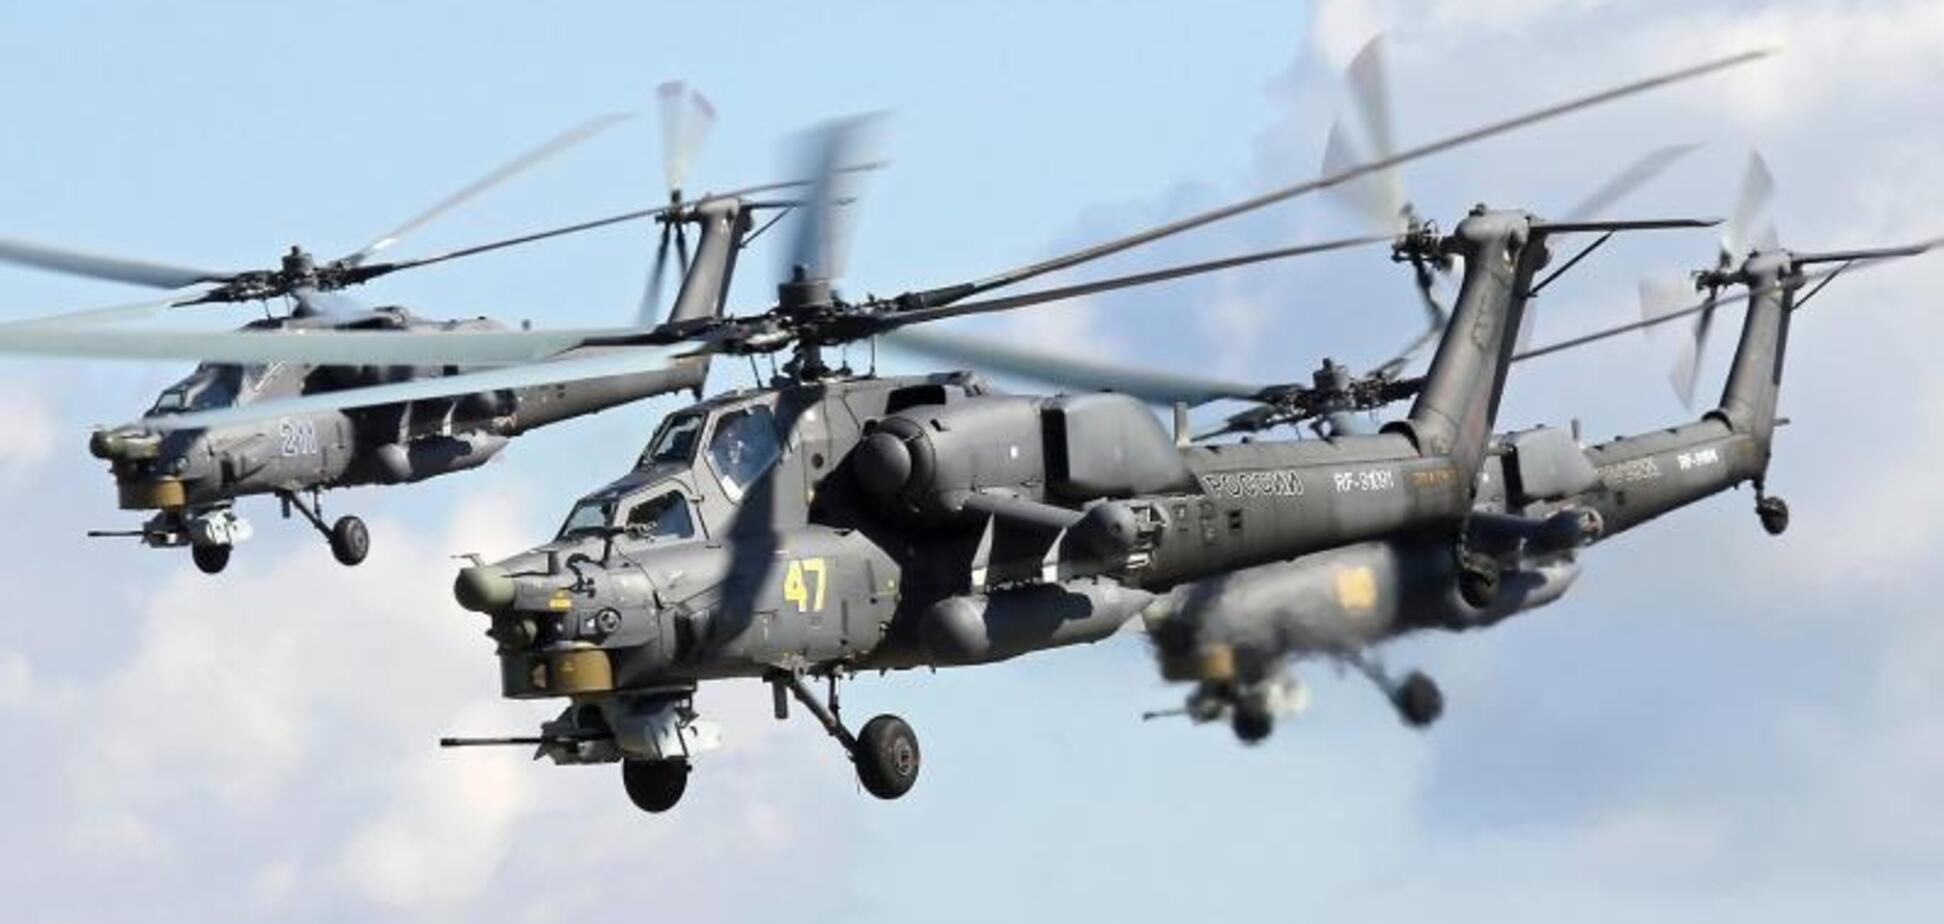 Россия подняла в небо над Крымом военные вертолеты: в чем дело